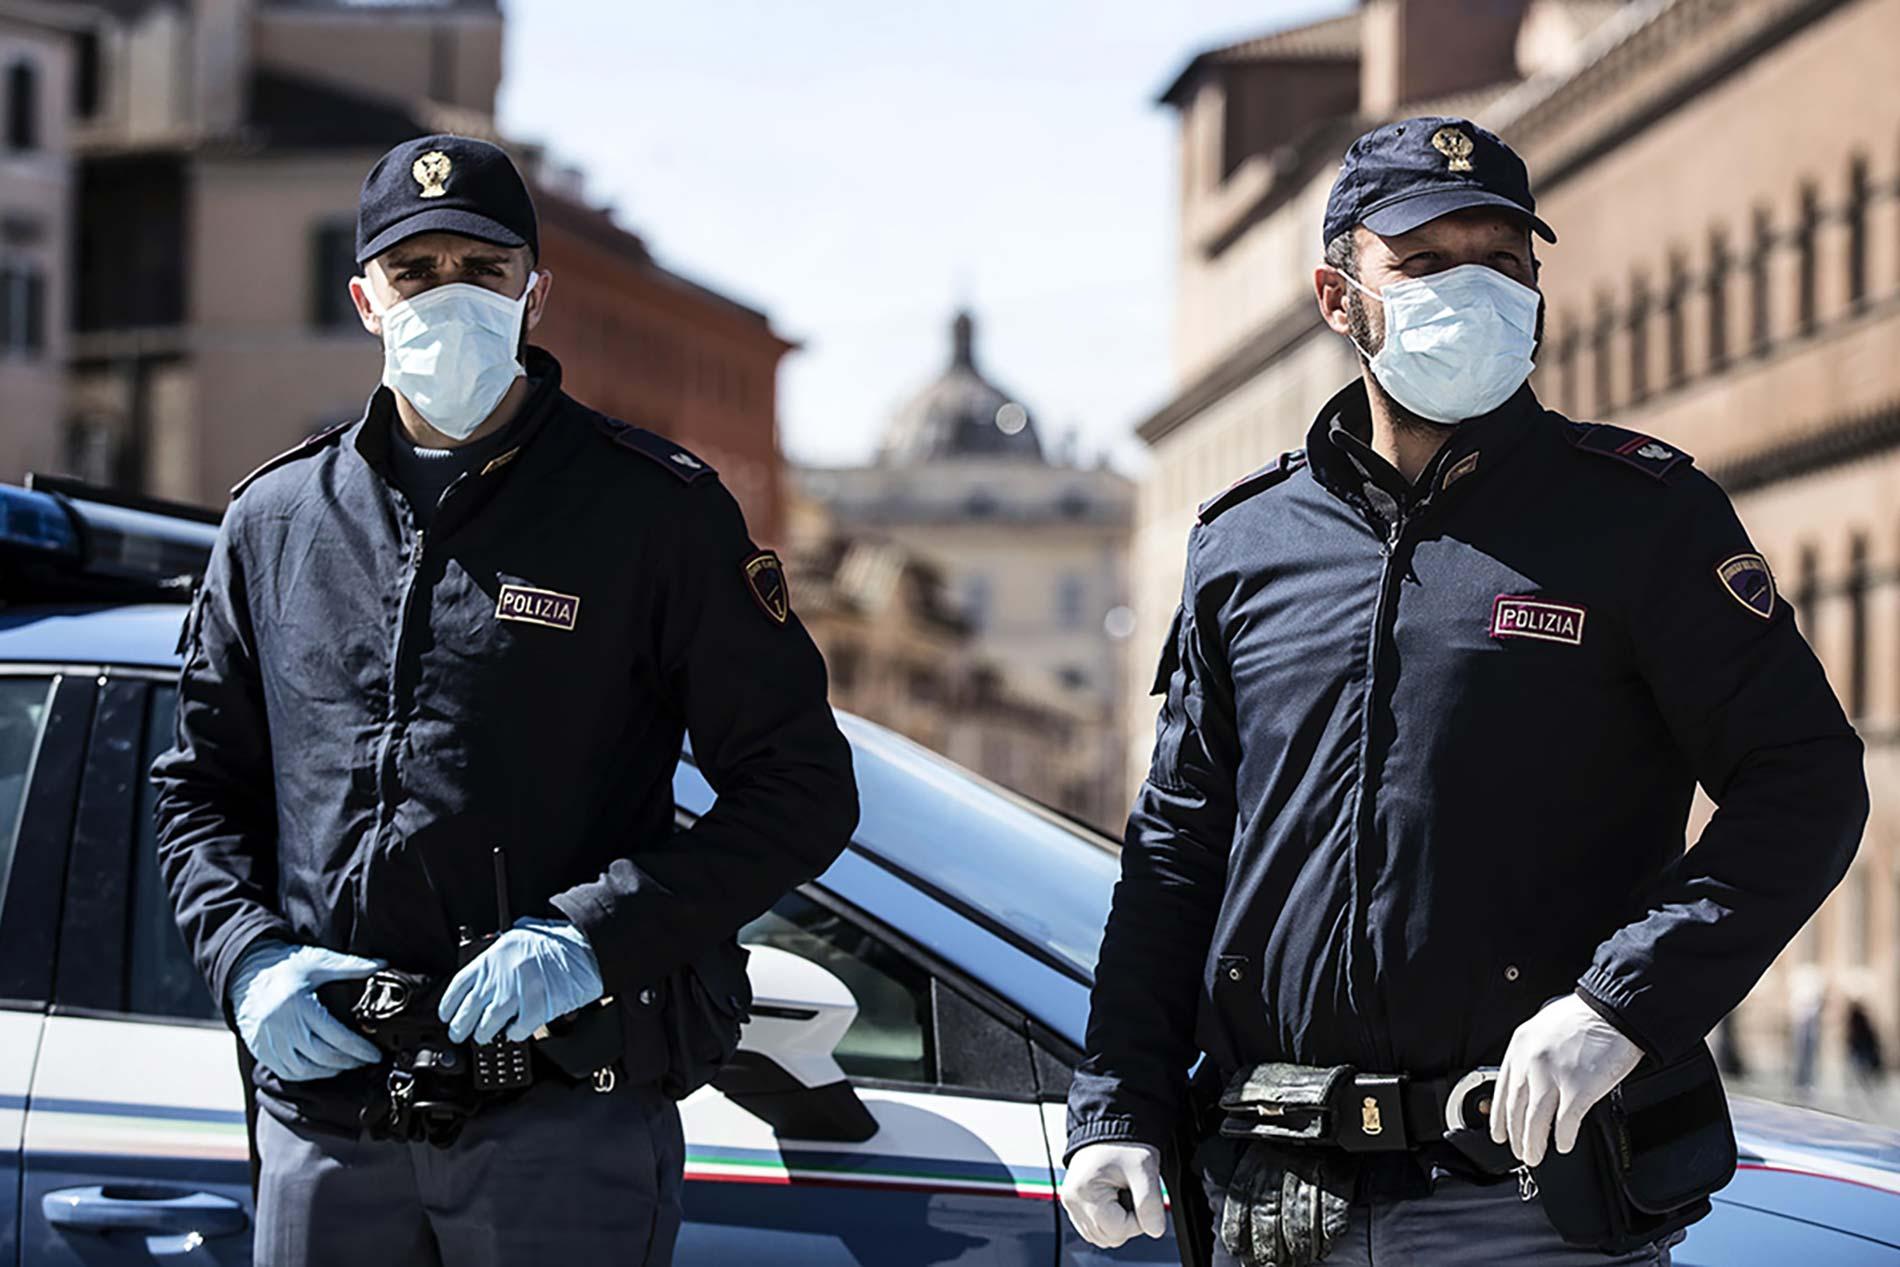 Poliziotti con mascherina per emergenza COVID-19